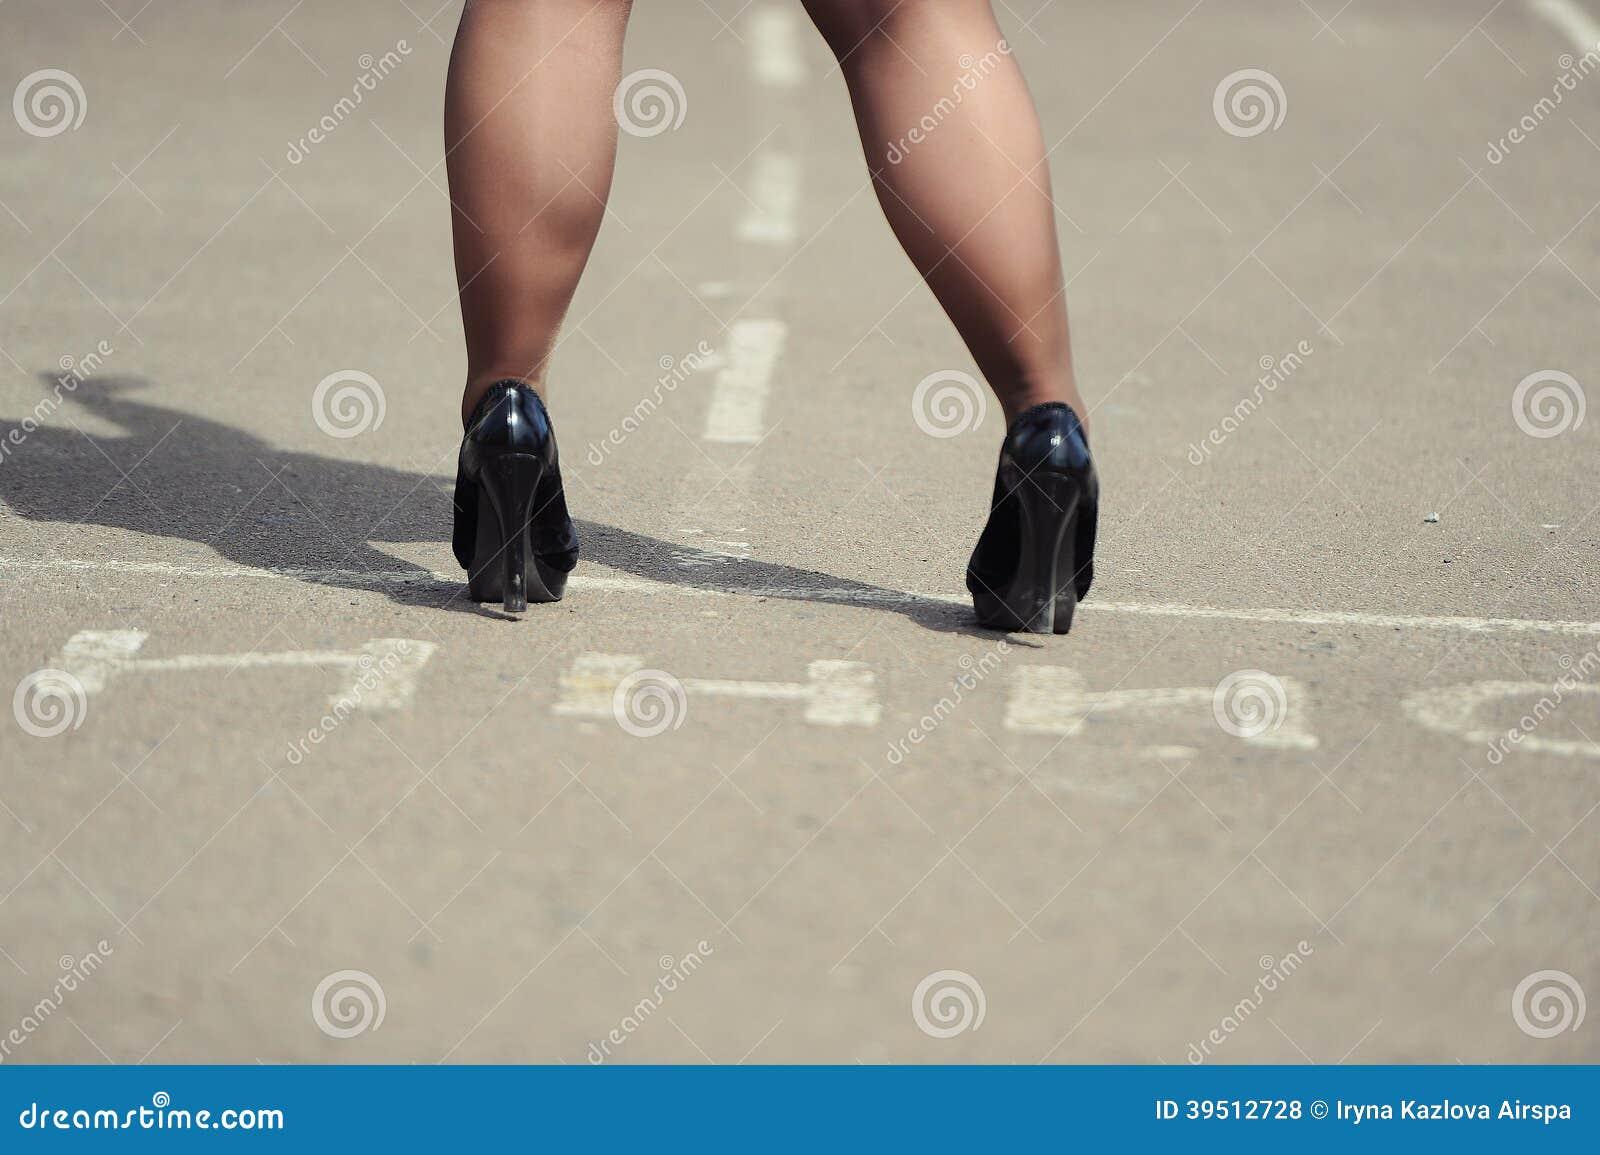 Female feet